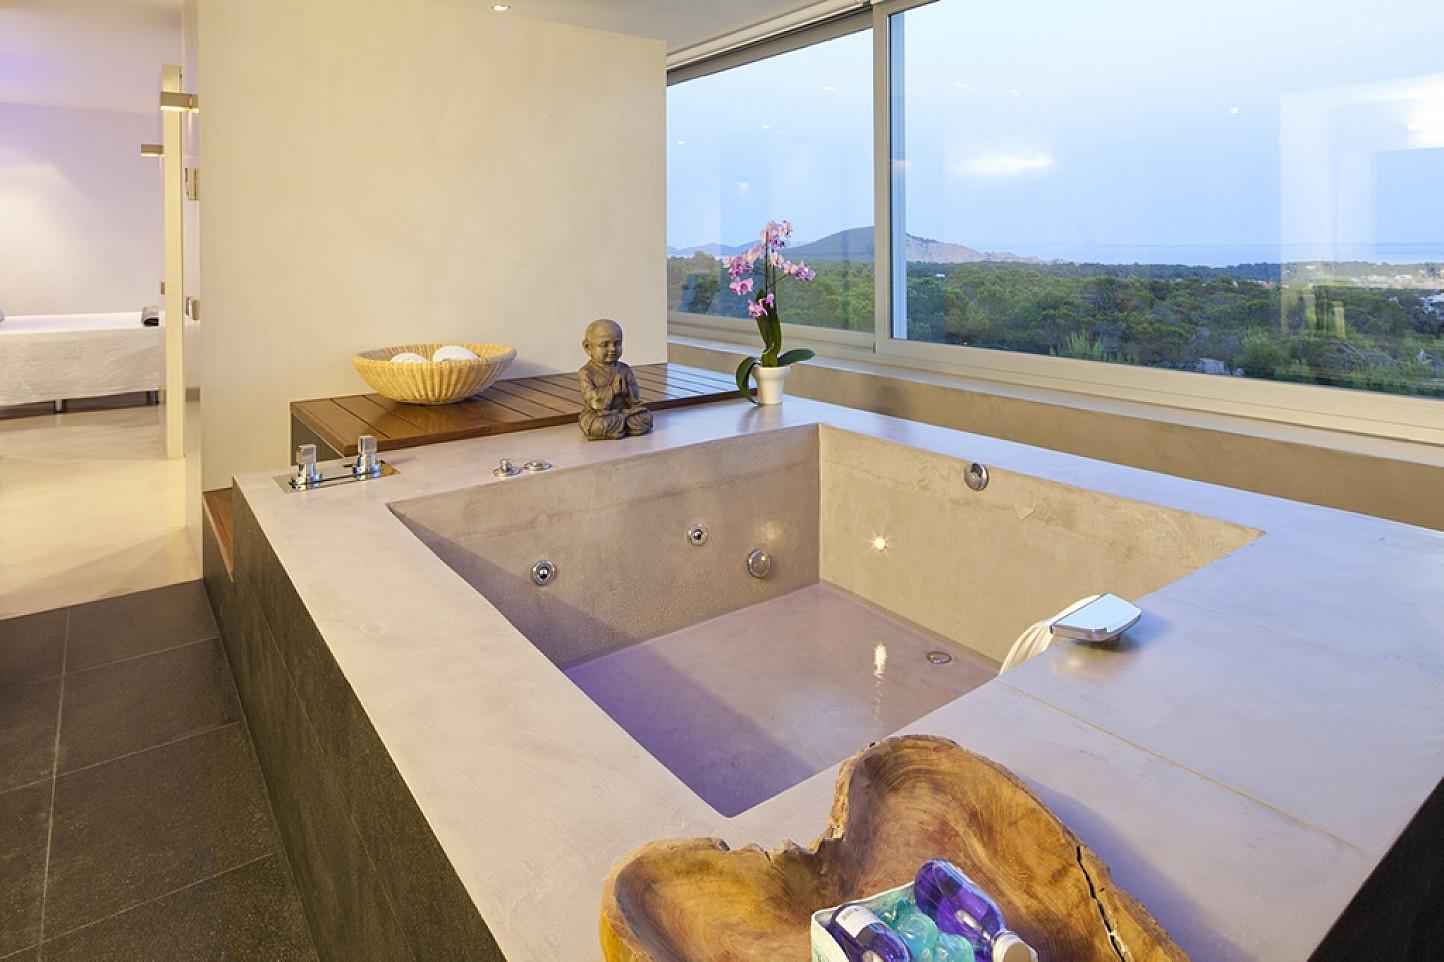 Fantàstica banyera amb vistes a l'exterior